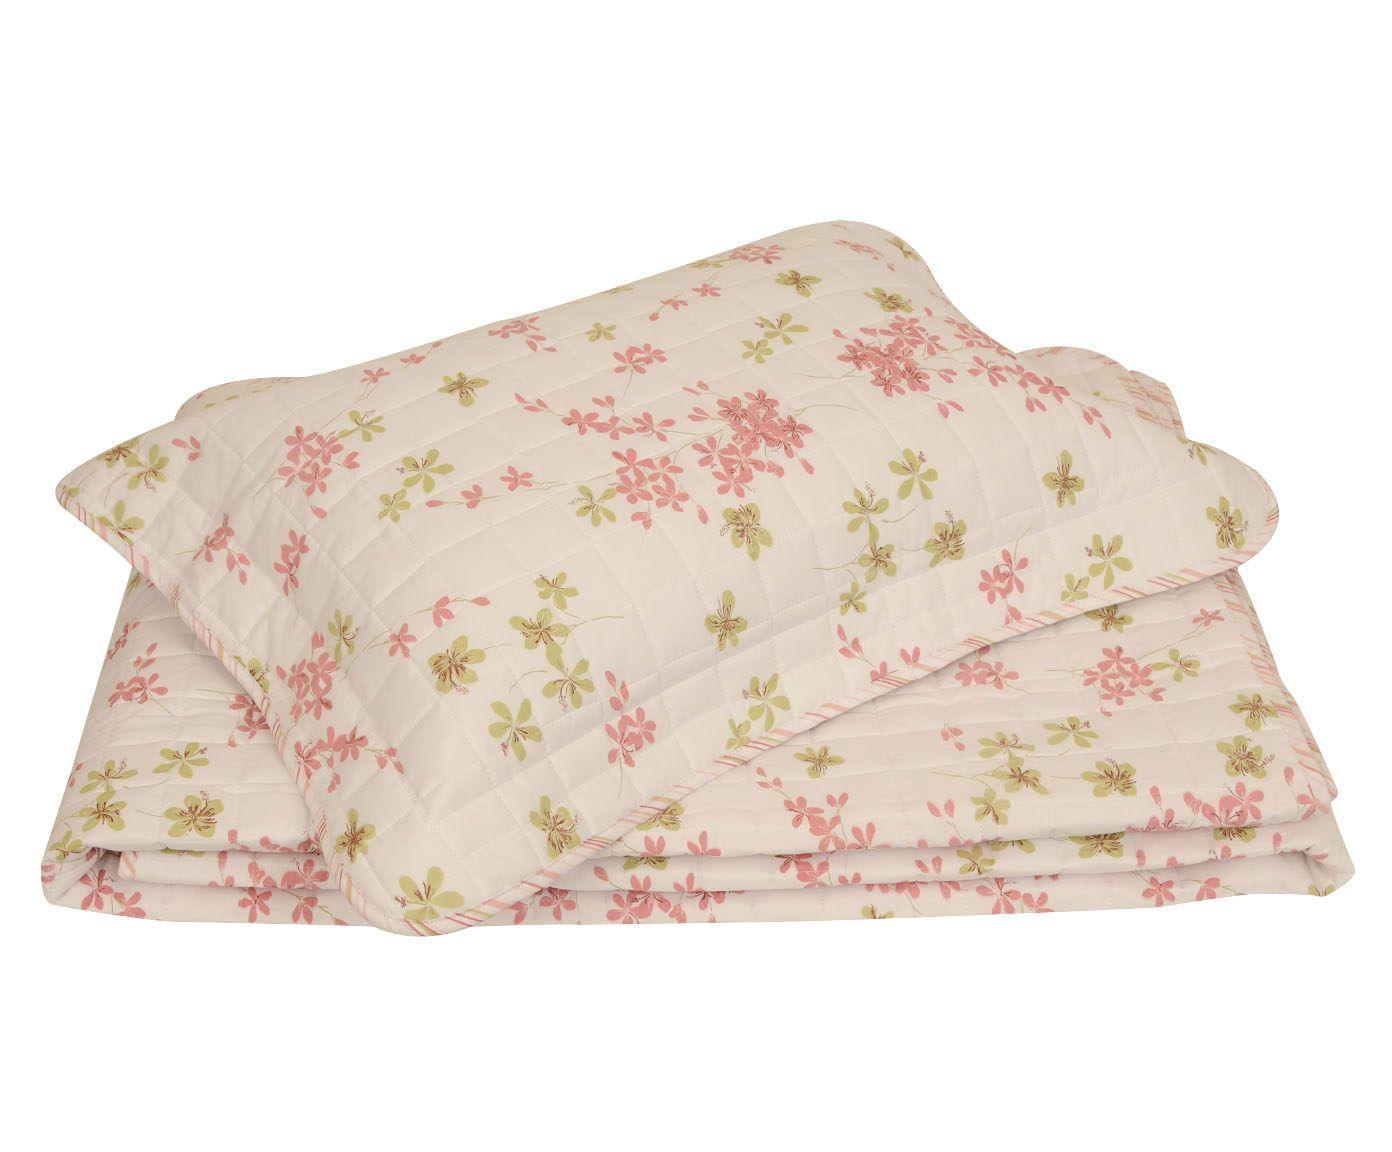 Conjunto de cobre-leito nobre para cama de solteiro | Westwing.com.br